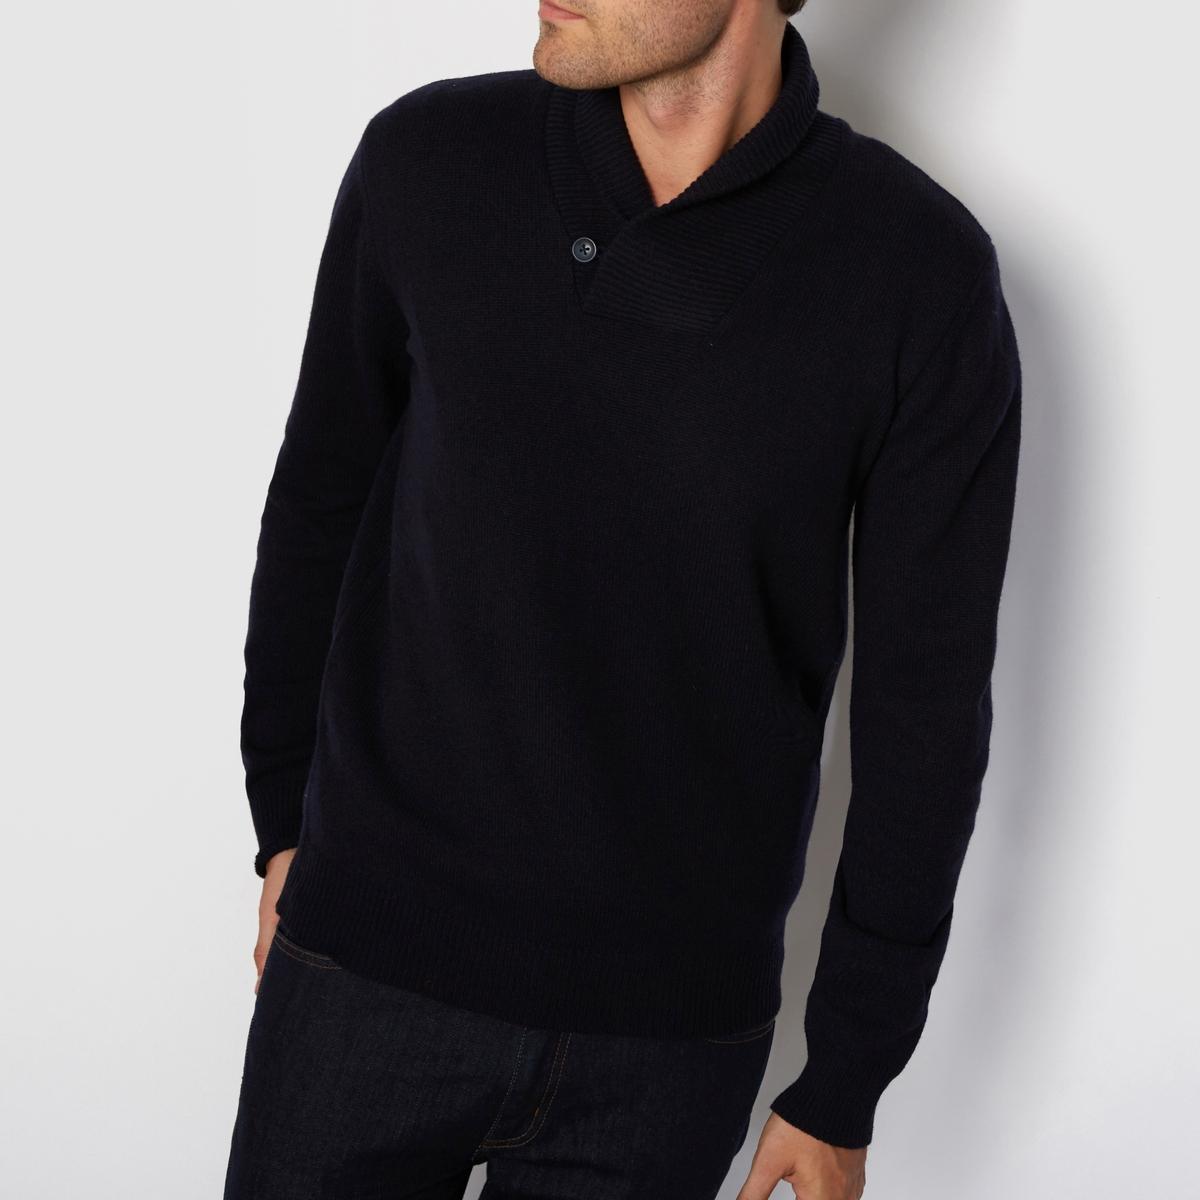 Пуловер с шалевым воротником, 100% овечья шерстьМатериал : 100% овечья шерсть . LambswoolПуловер с длинными рукавами.Шалевый воротник.<br><br>Цвет: темно-синий